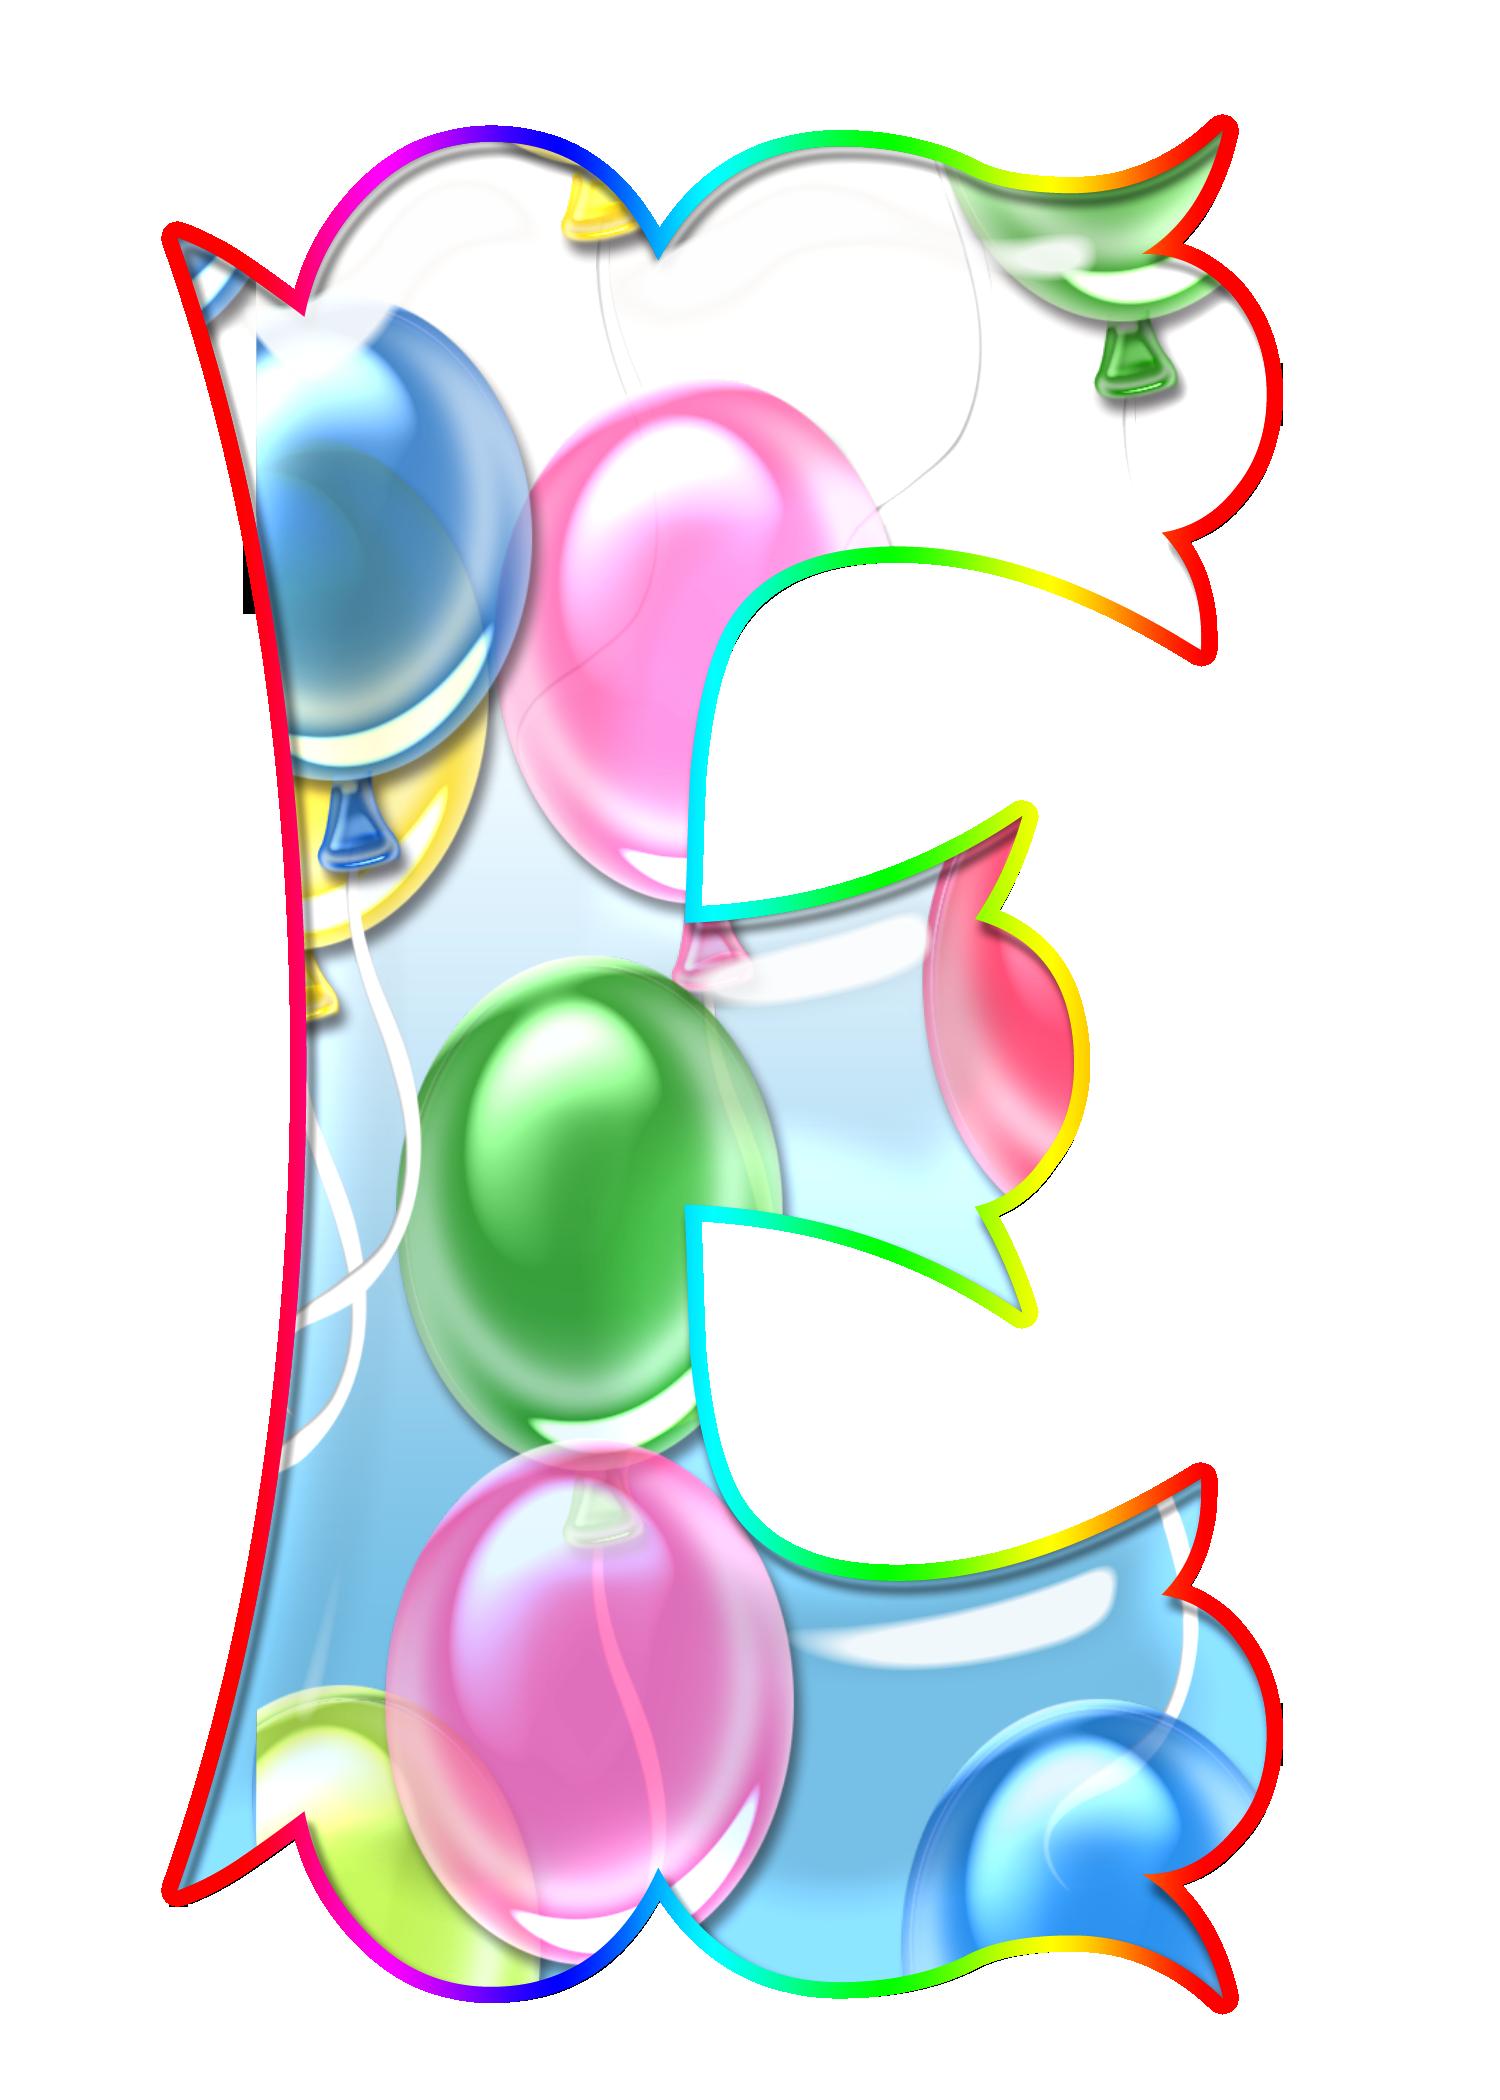 москве красивые буквы для поздравления картинки цвет его